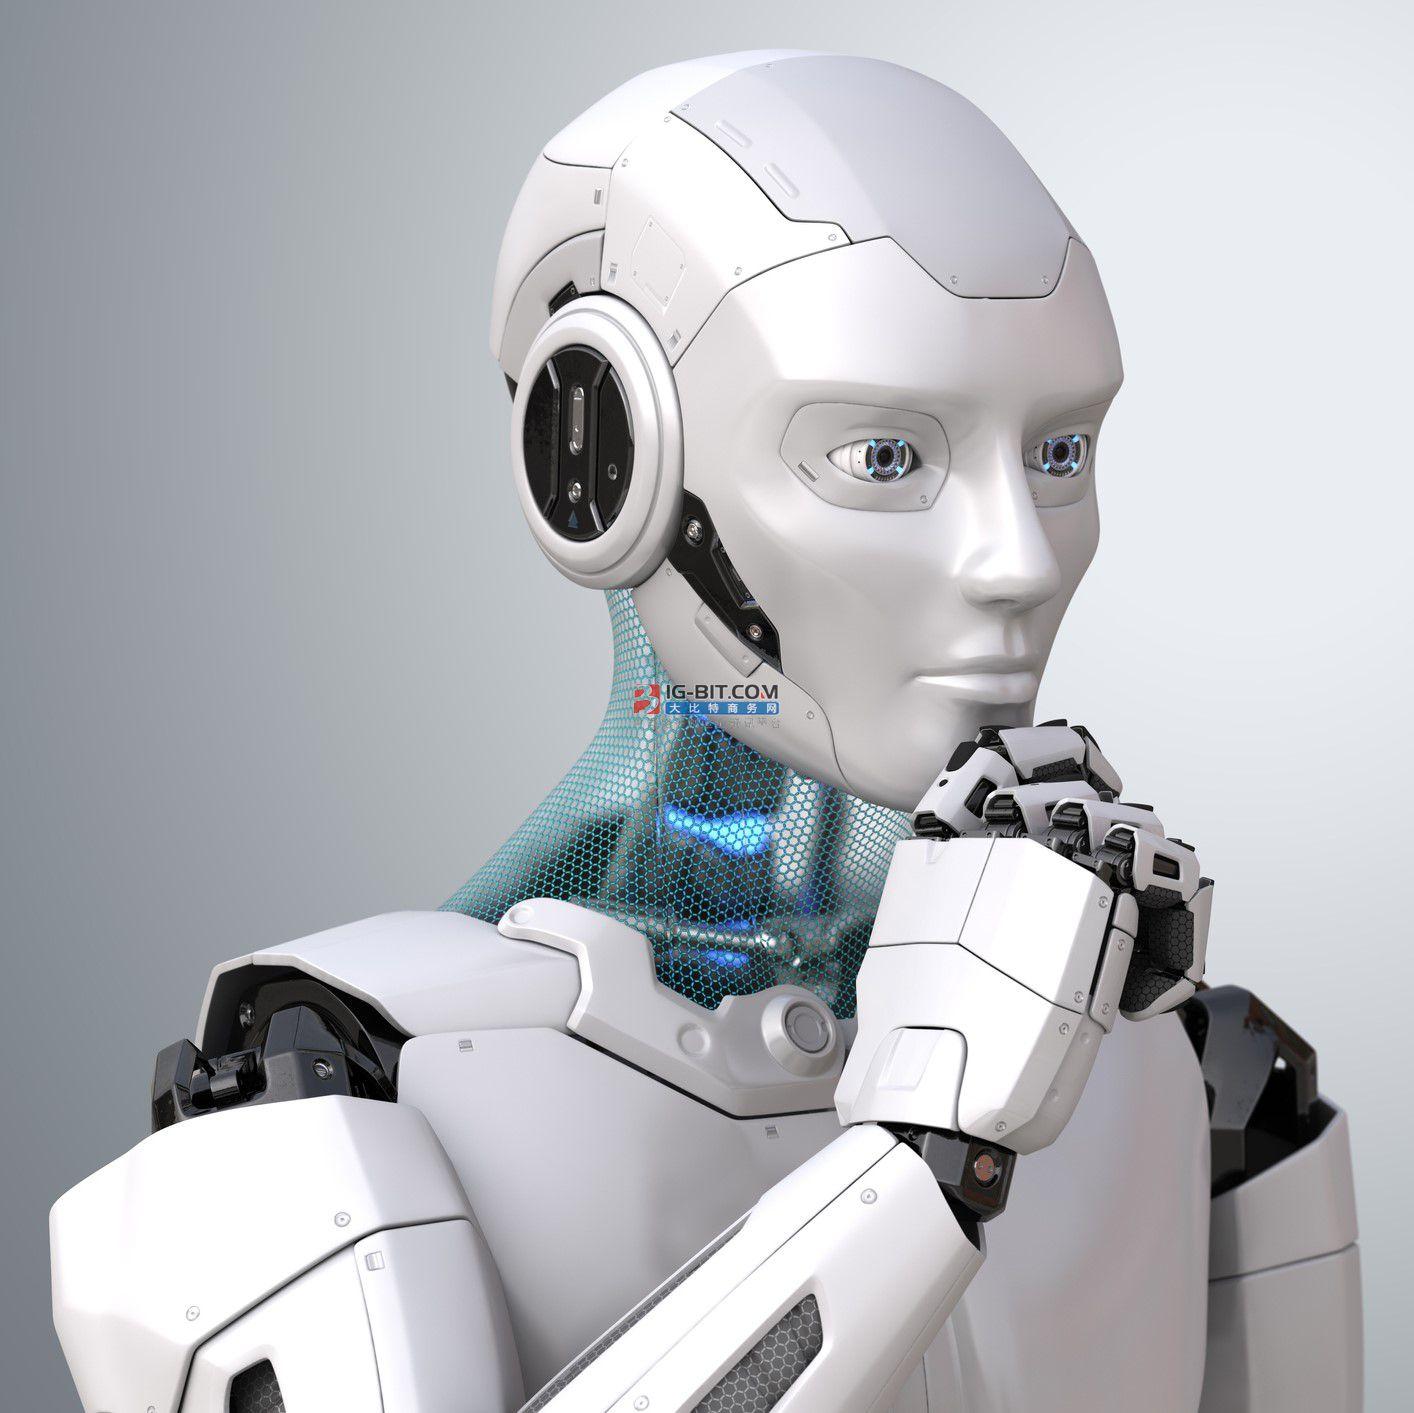 重磅!IBM收购RPA软件供应商WDG Automation 部署人工智能自动化领域